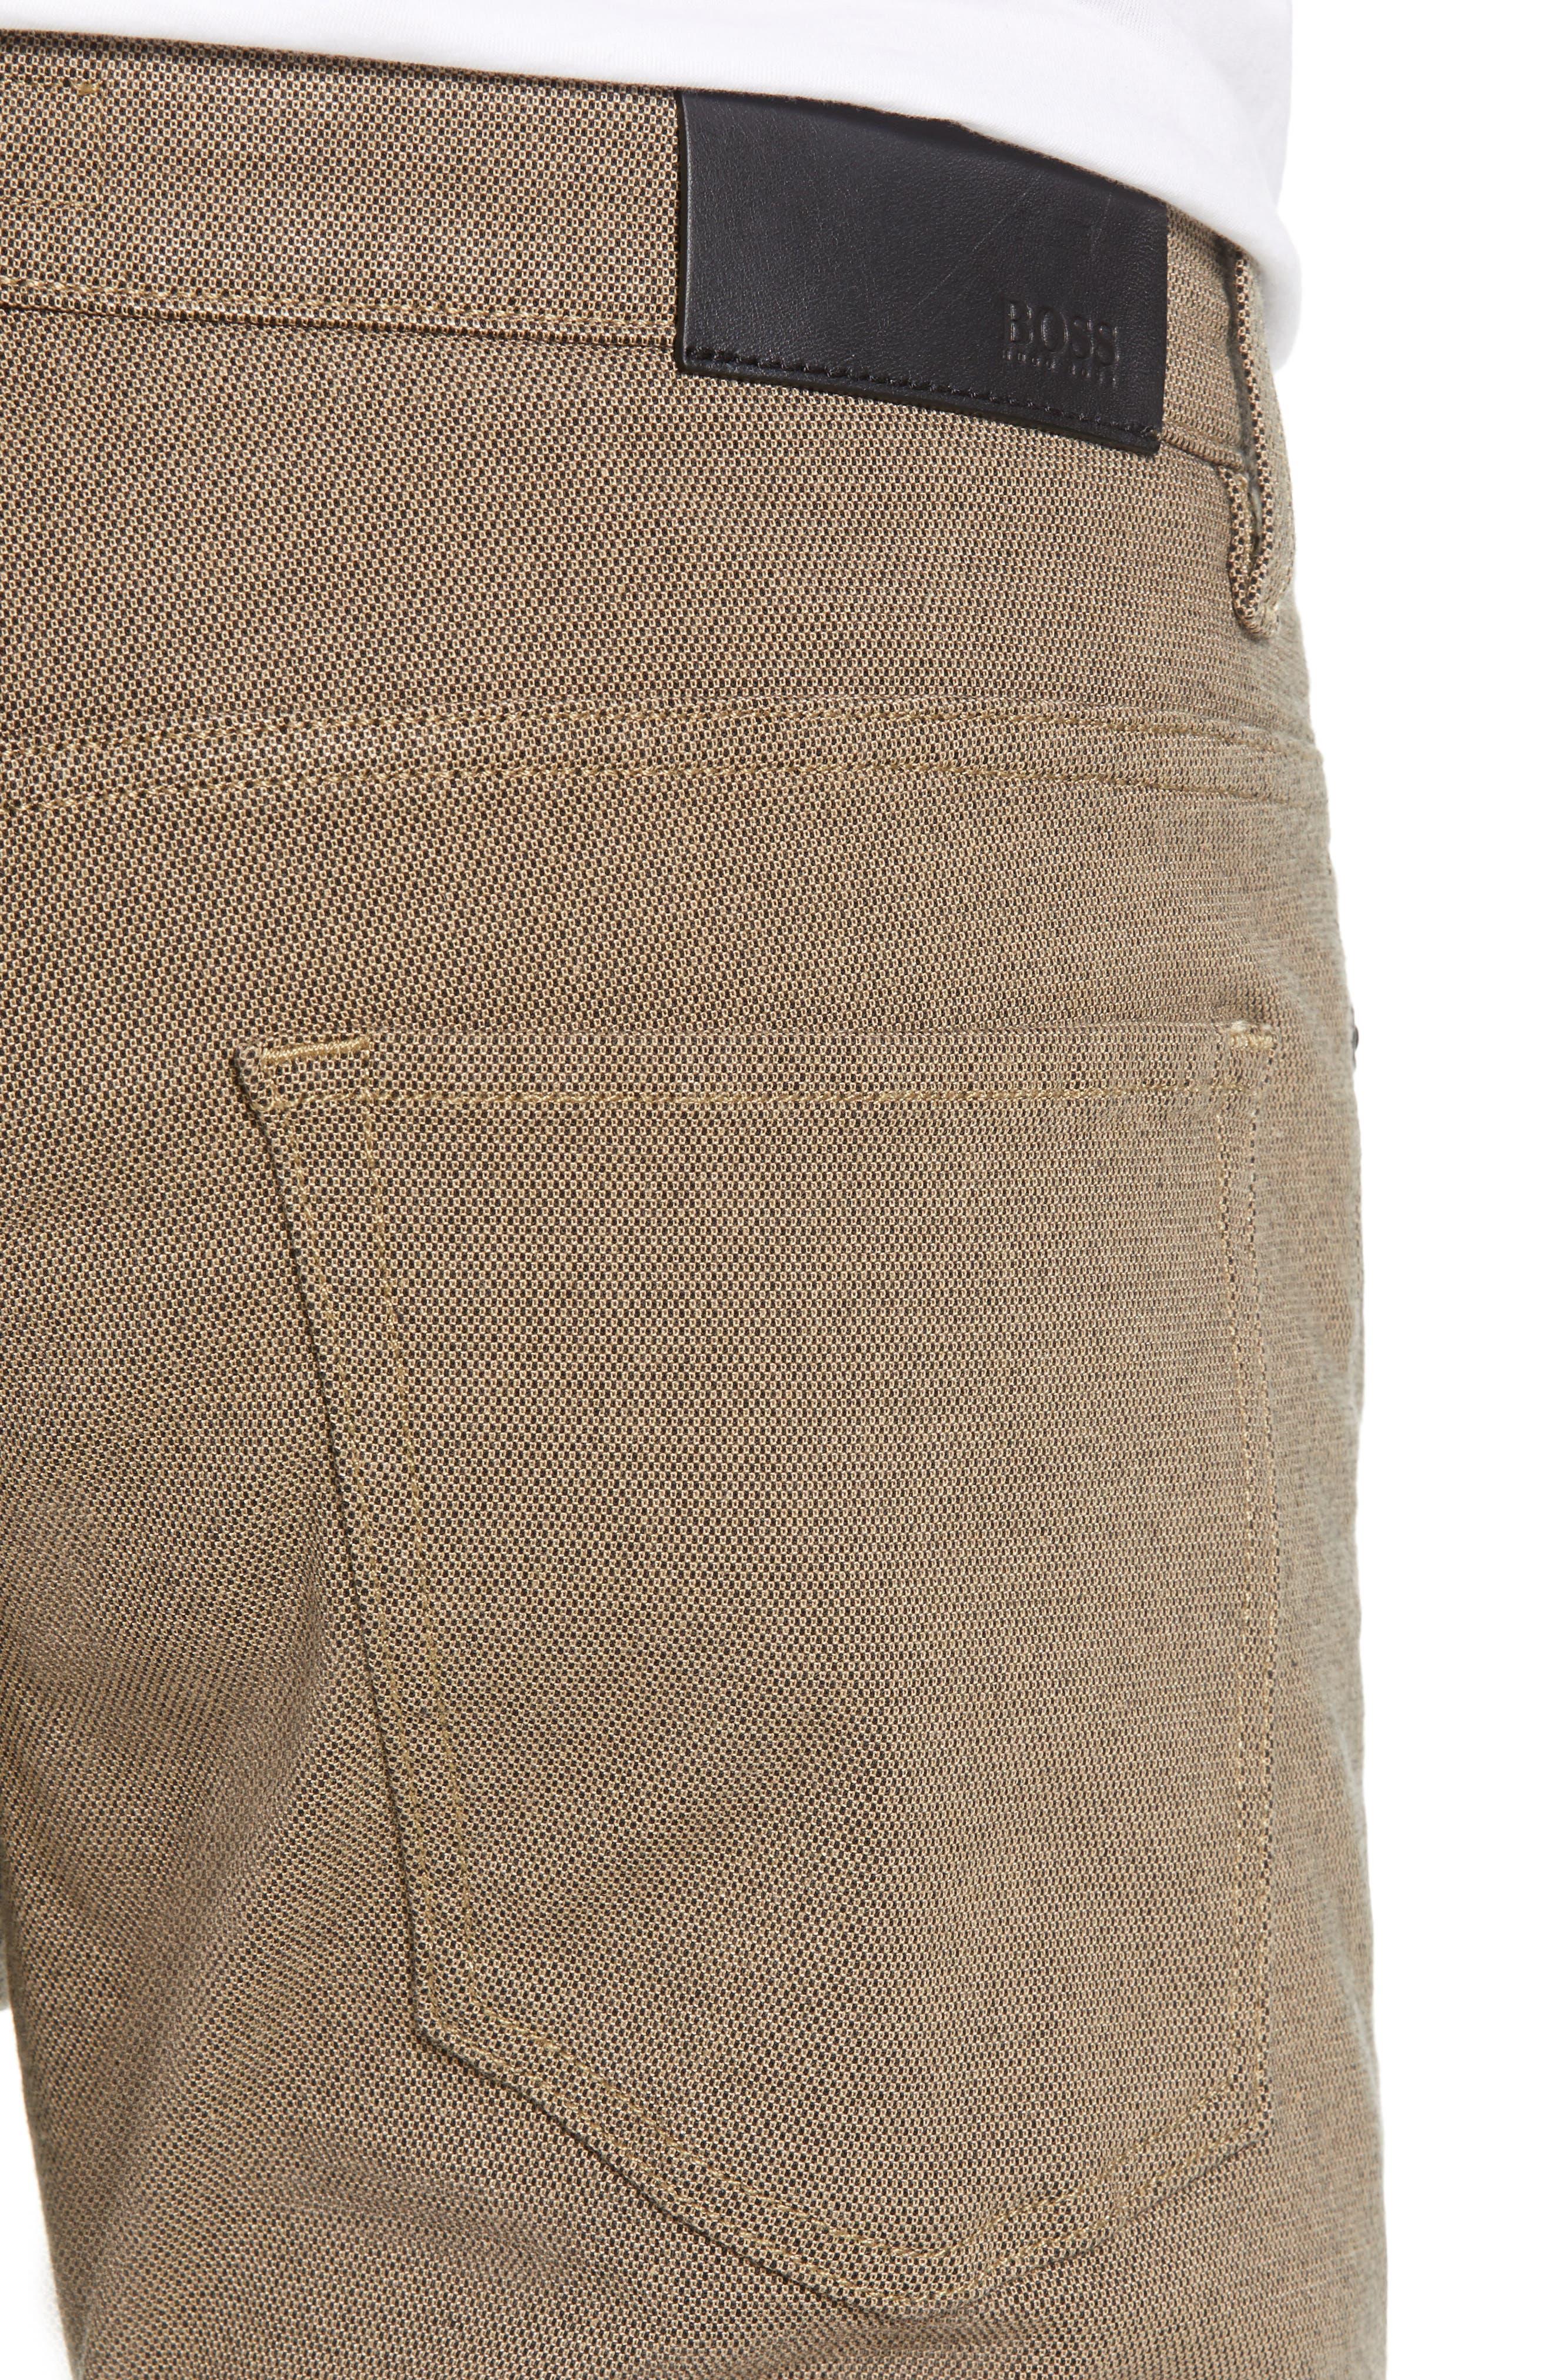 Delaware Slim Fit Pants,                             Alternate thumbnail 4, color,                             TAN